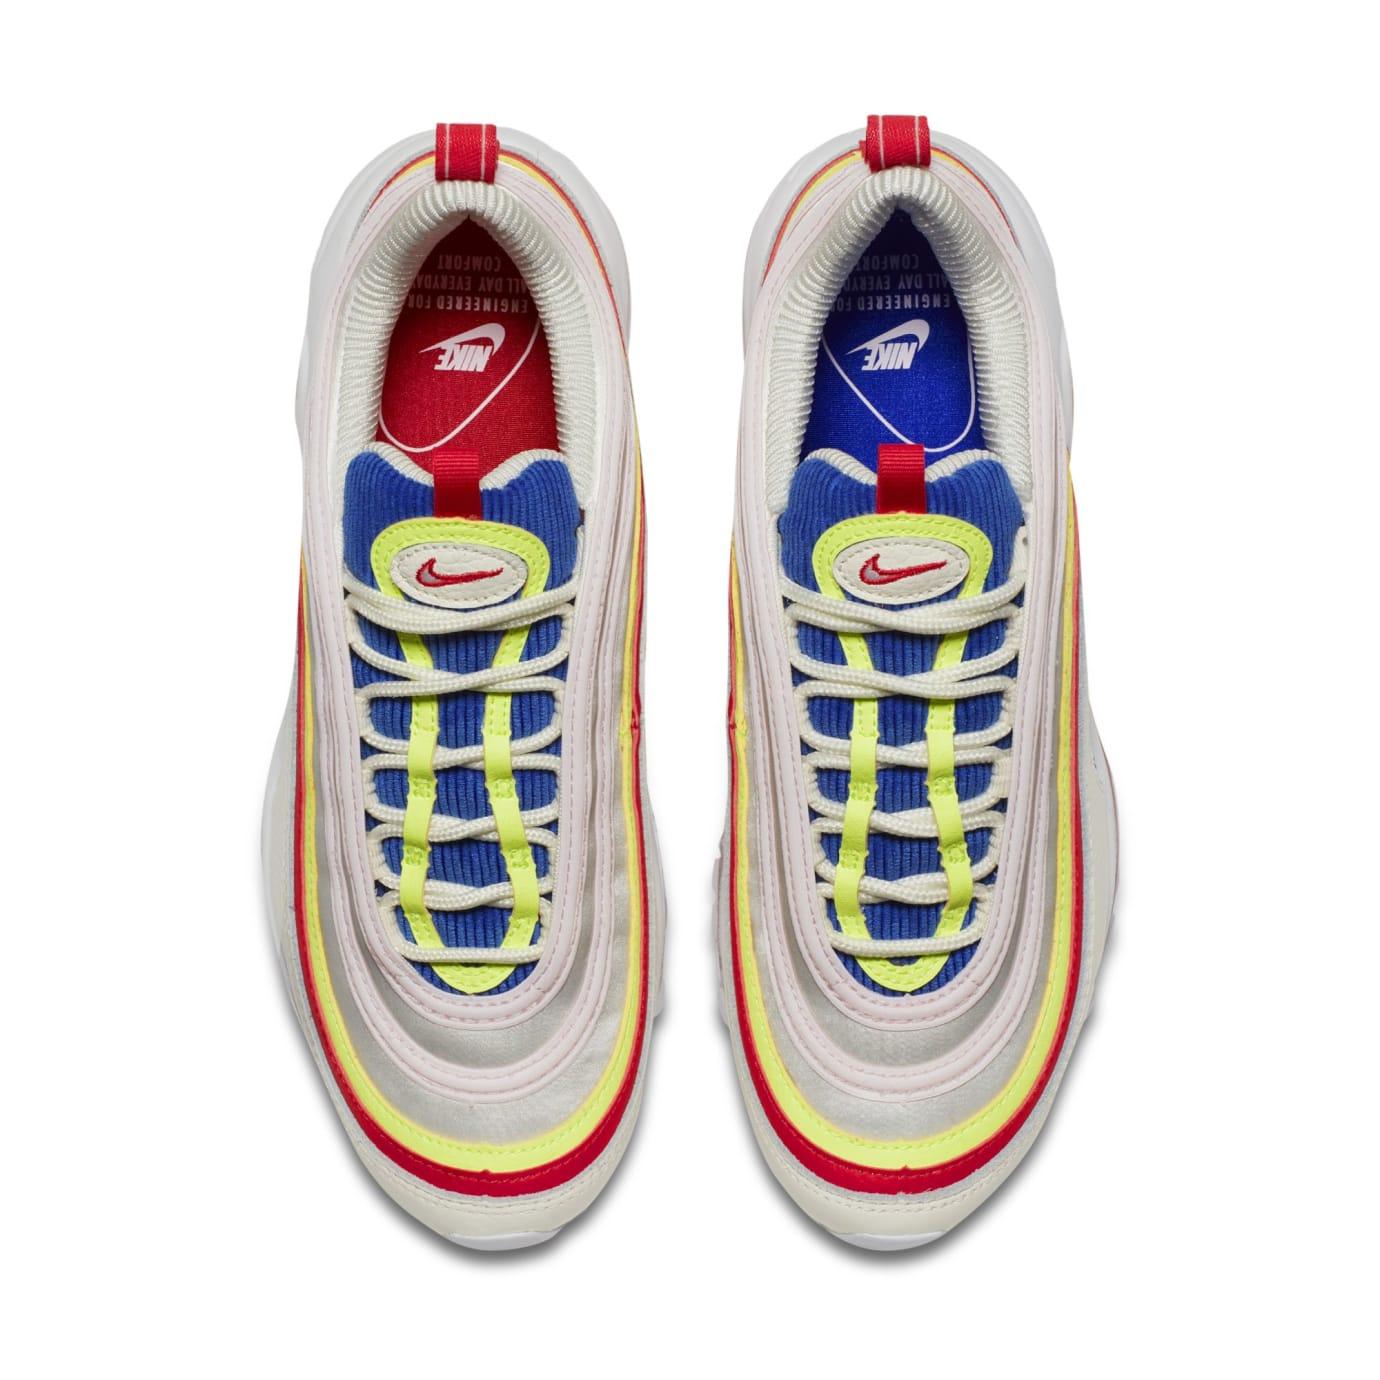 WMNS Nike Air Max 97 Panache (Top)